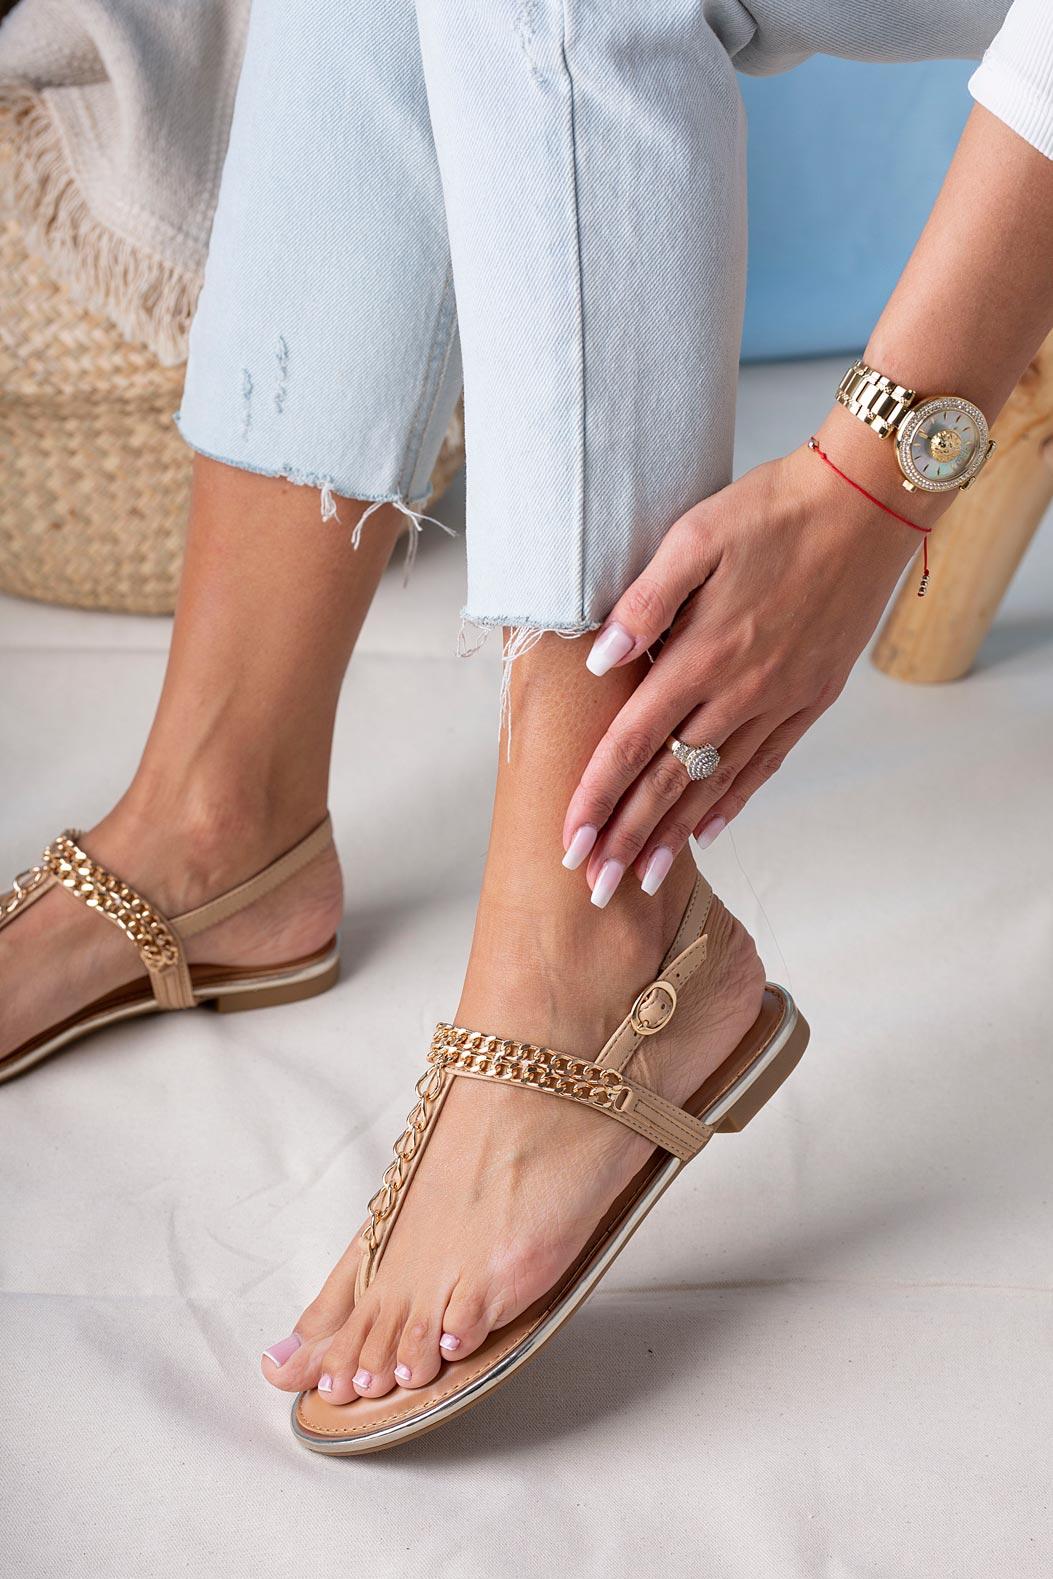 Beżowe sandały japonki płaskie z ozdobnym złotym łańcuszkiem Casu RT20X7/BE beżowy